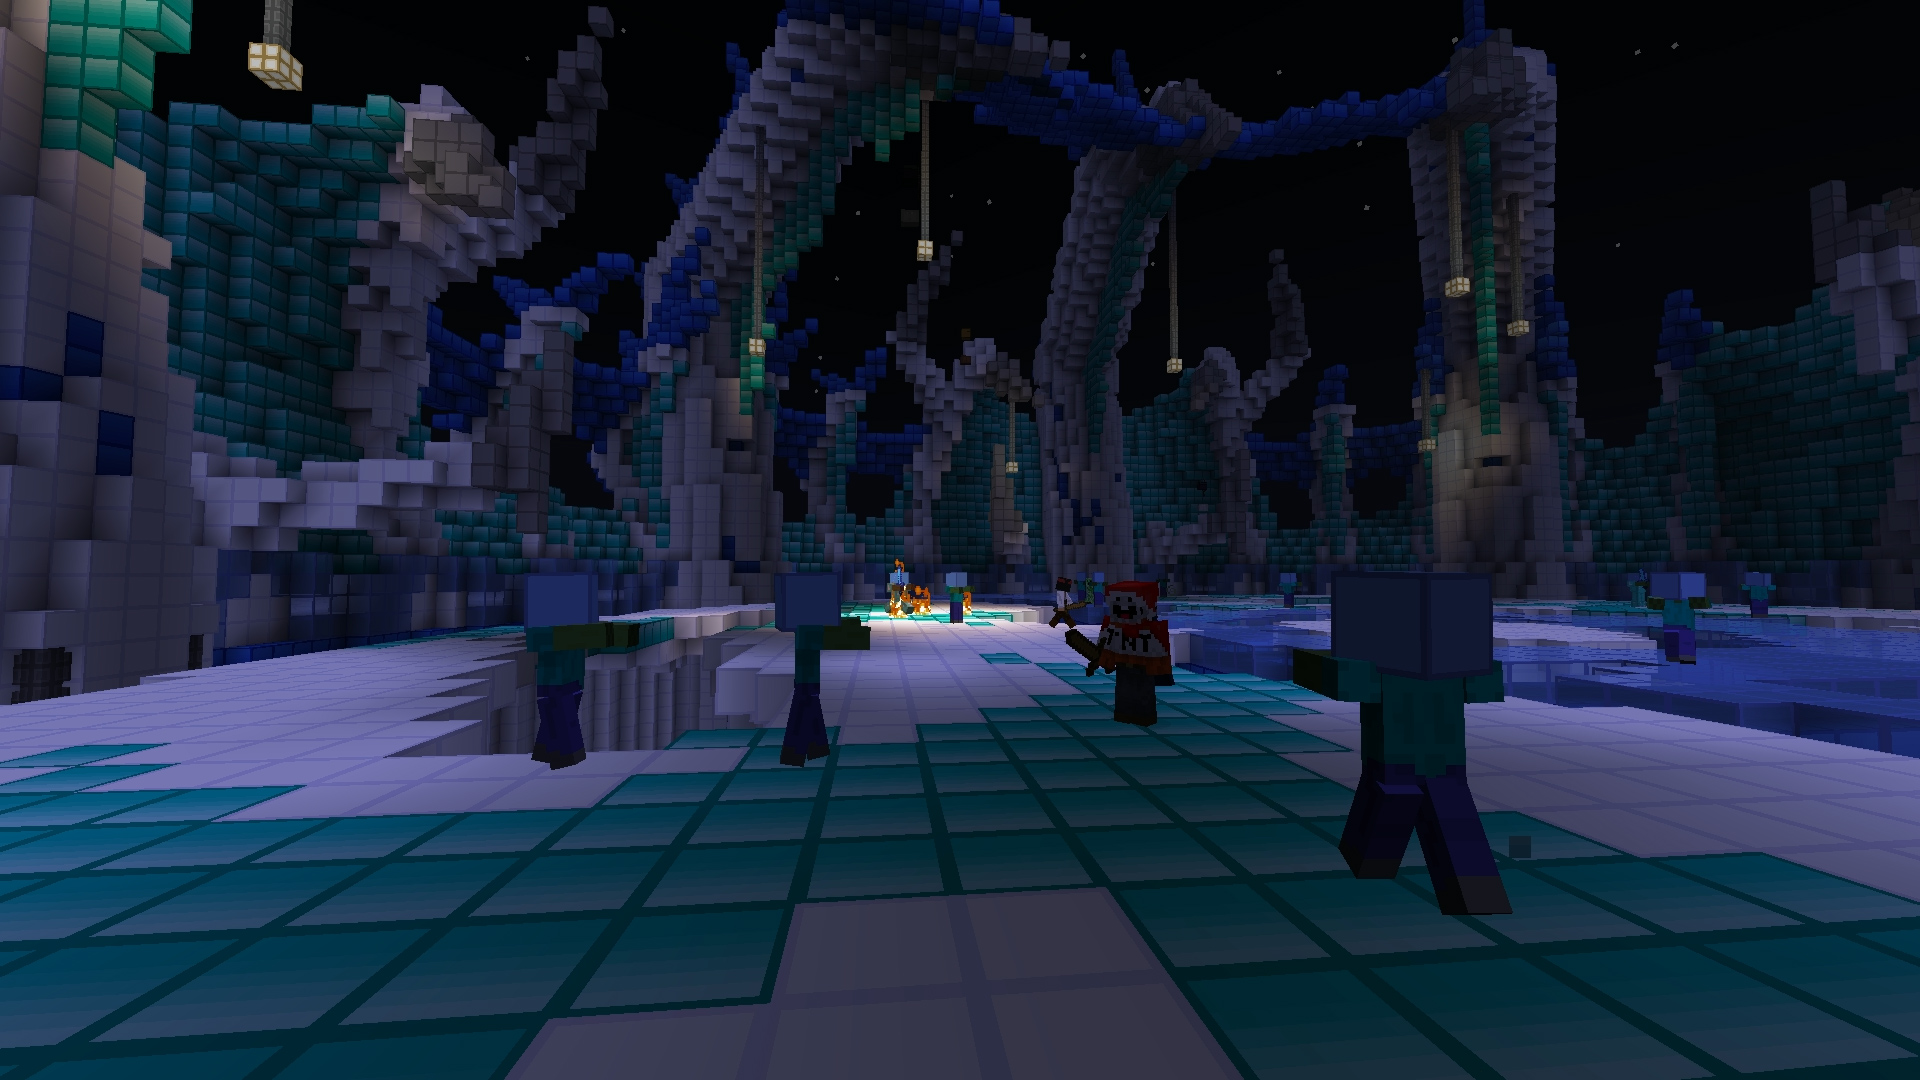 скачать карты для minecraft 1.7.2 на арену зомби #5